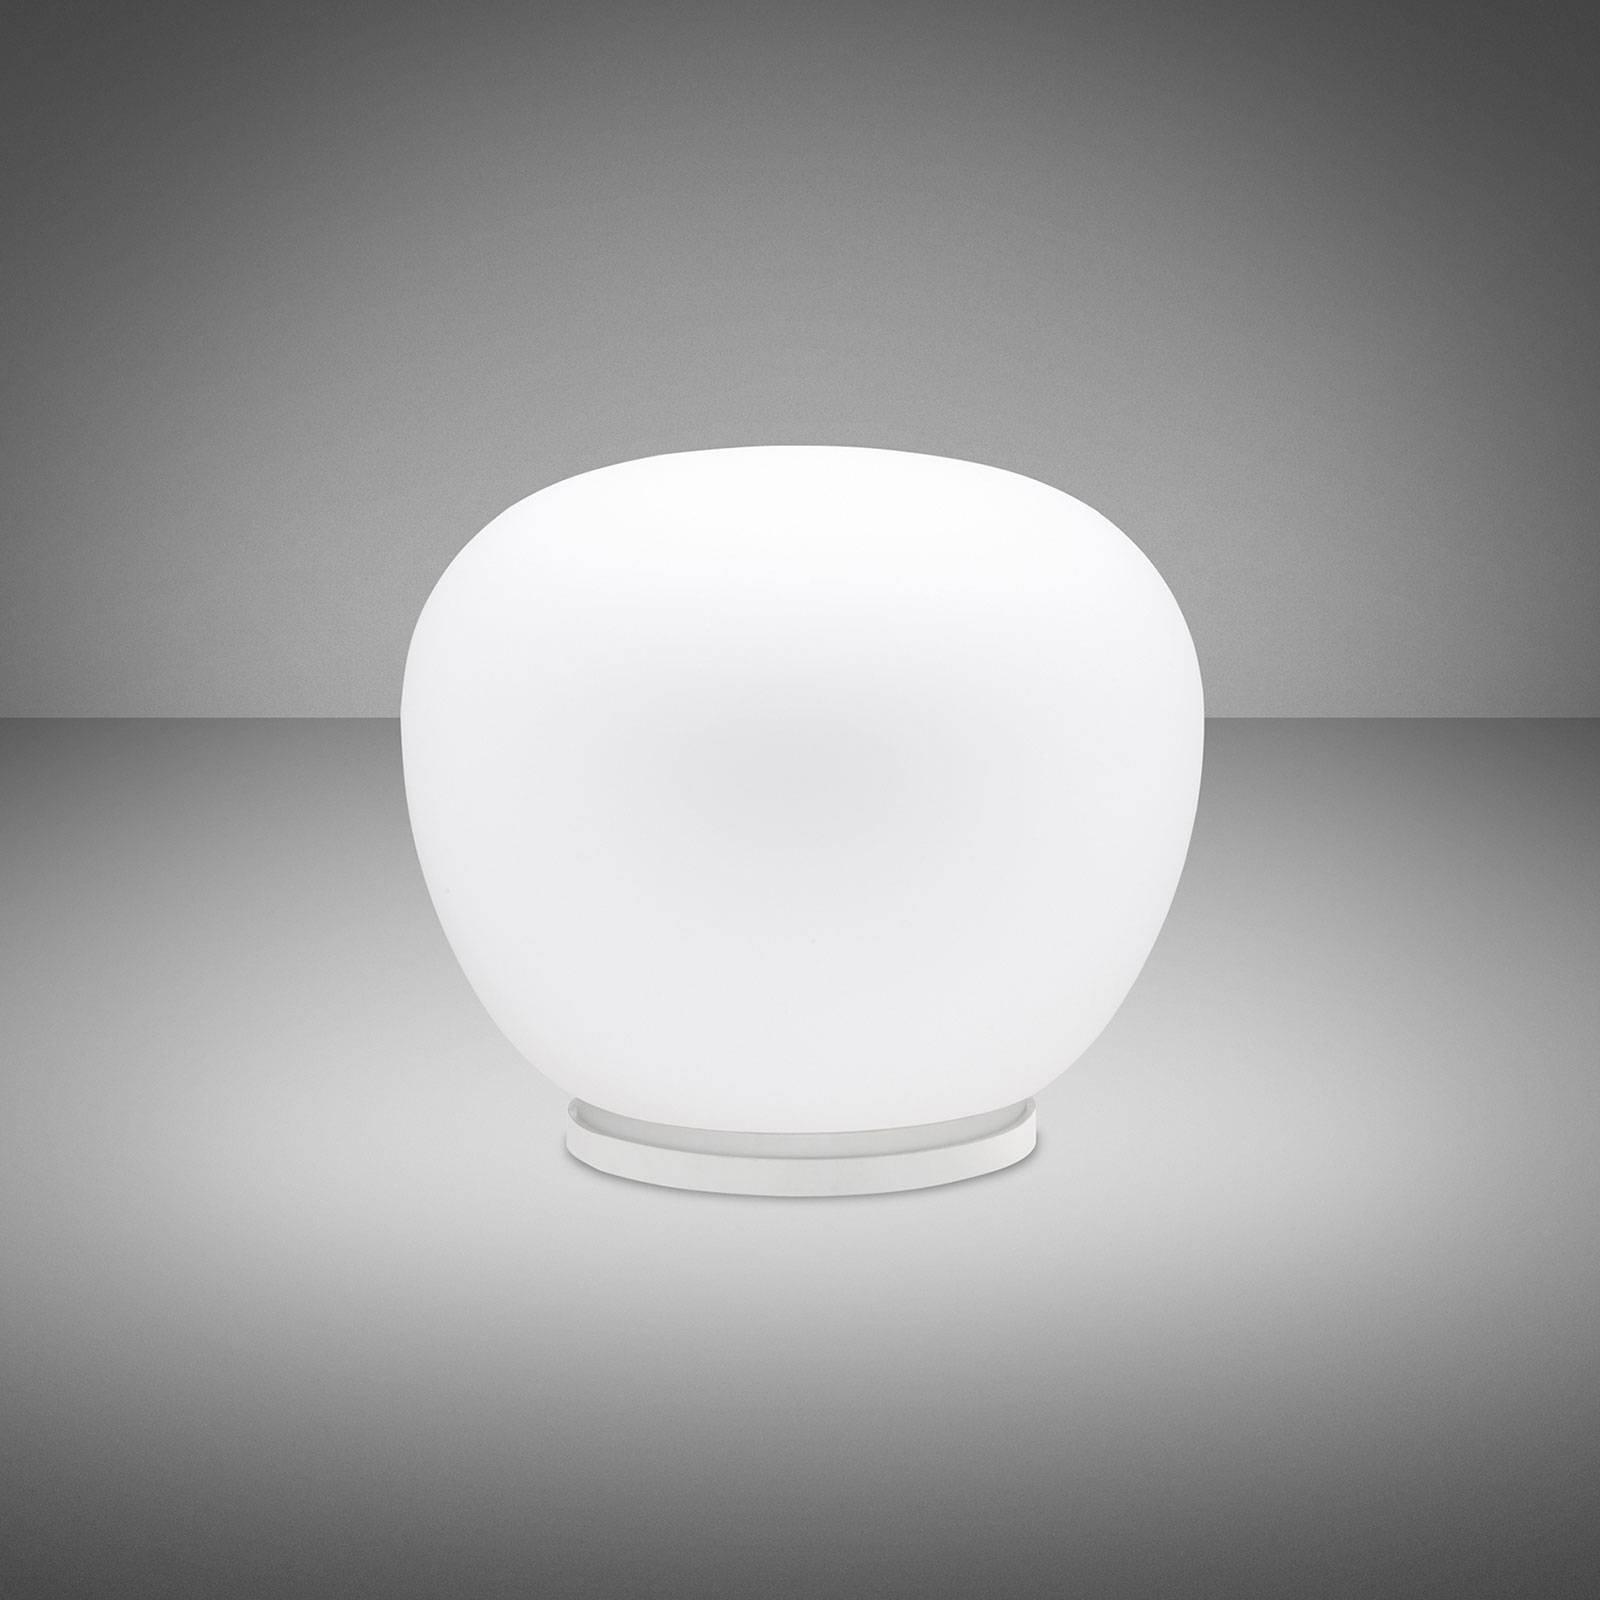 Fabbian Lumi Mochi bordlampe, liggende, Ø 30 cm